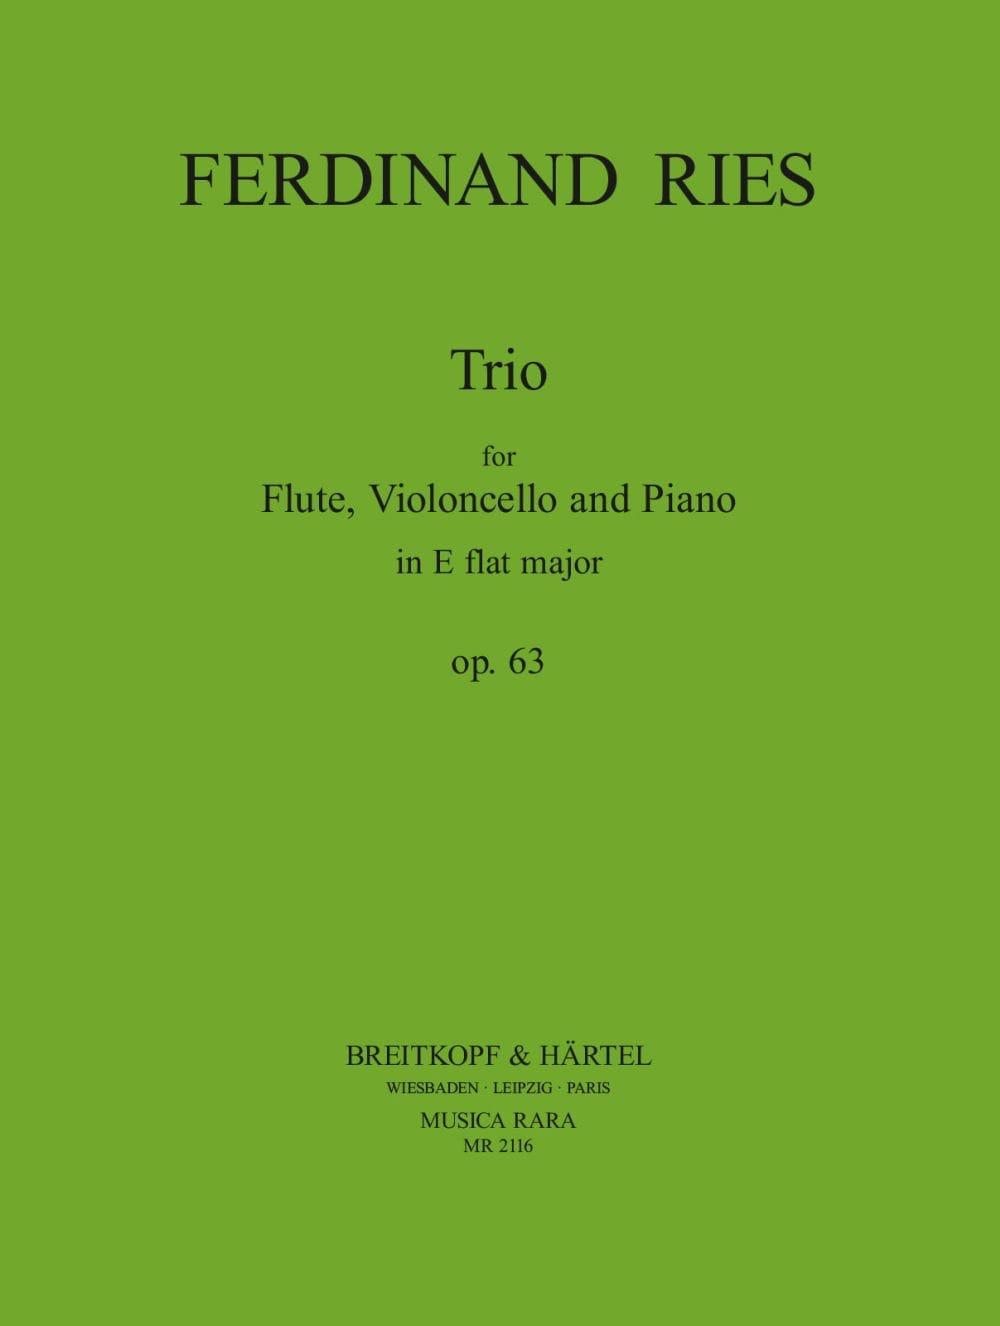 Trio Op. 63 - Ferdinand Ries - Partition - Trios - laflutedepan.com